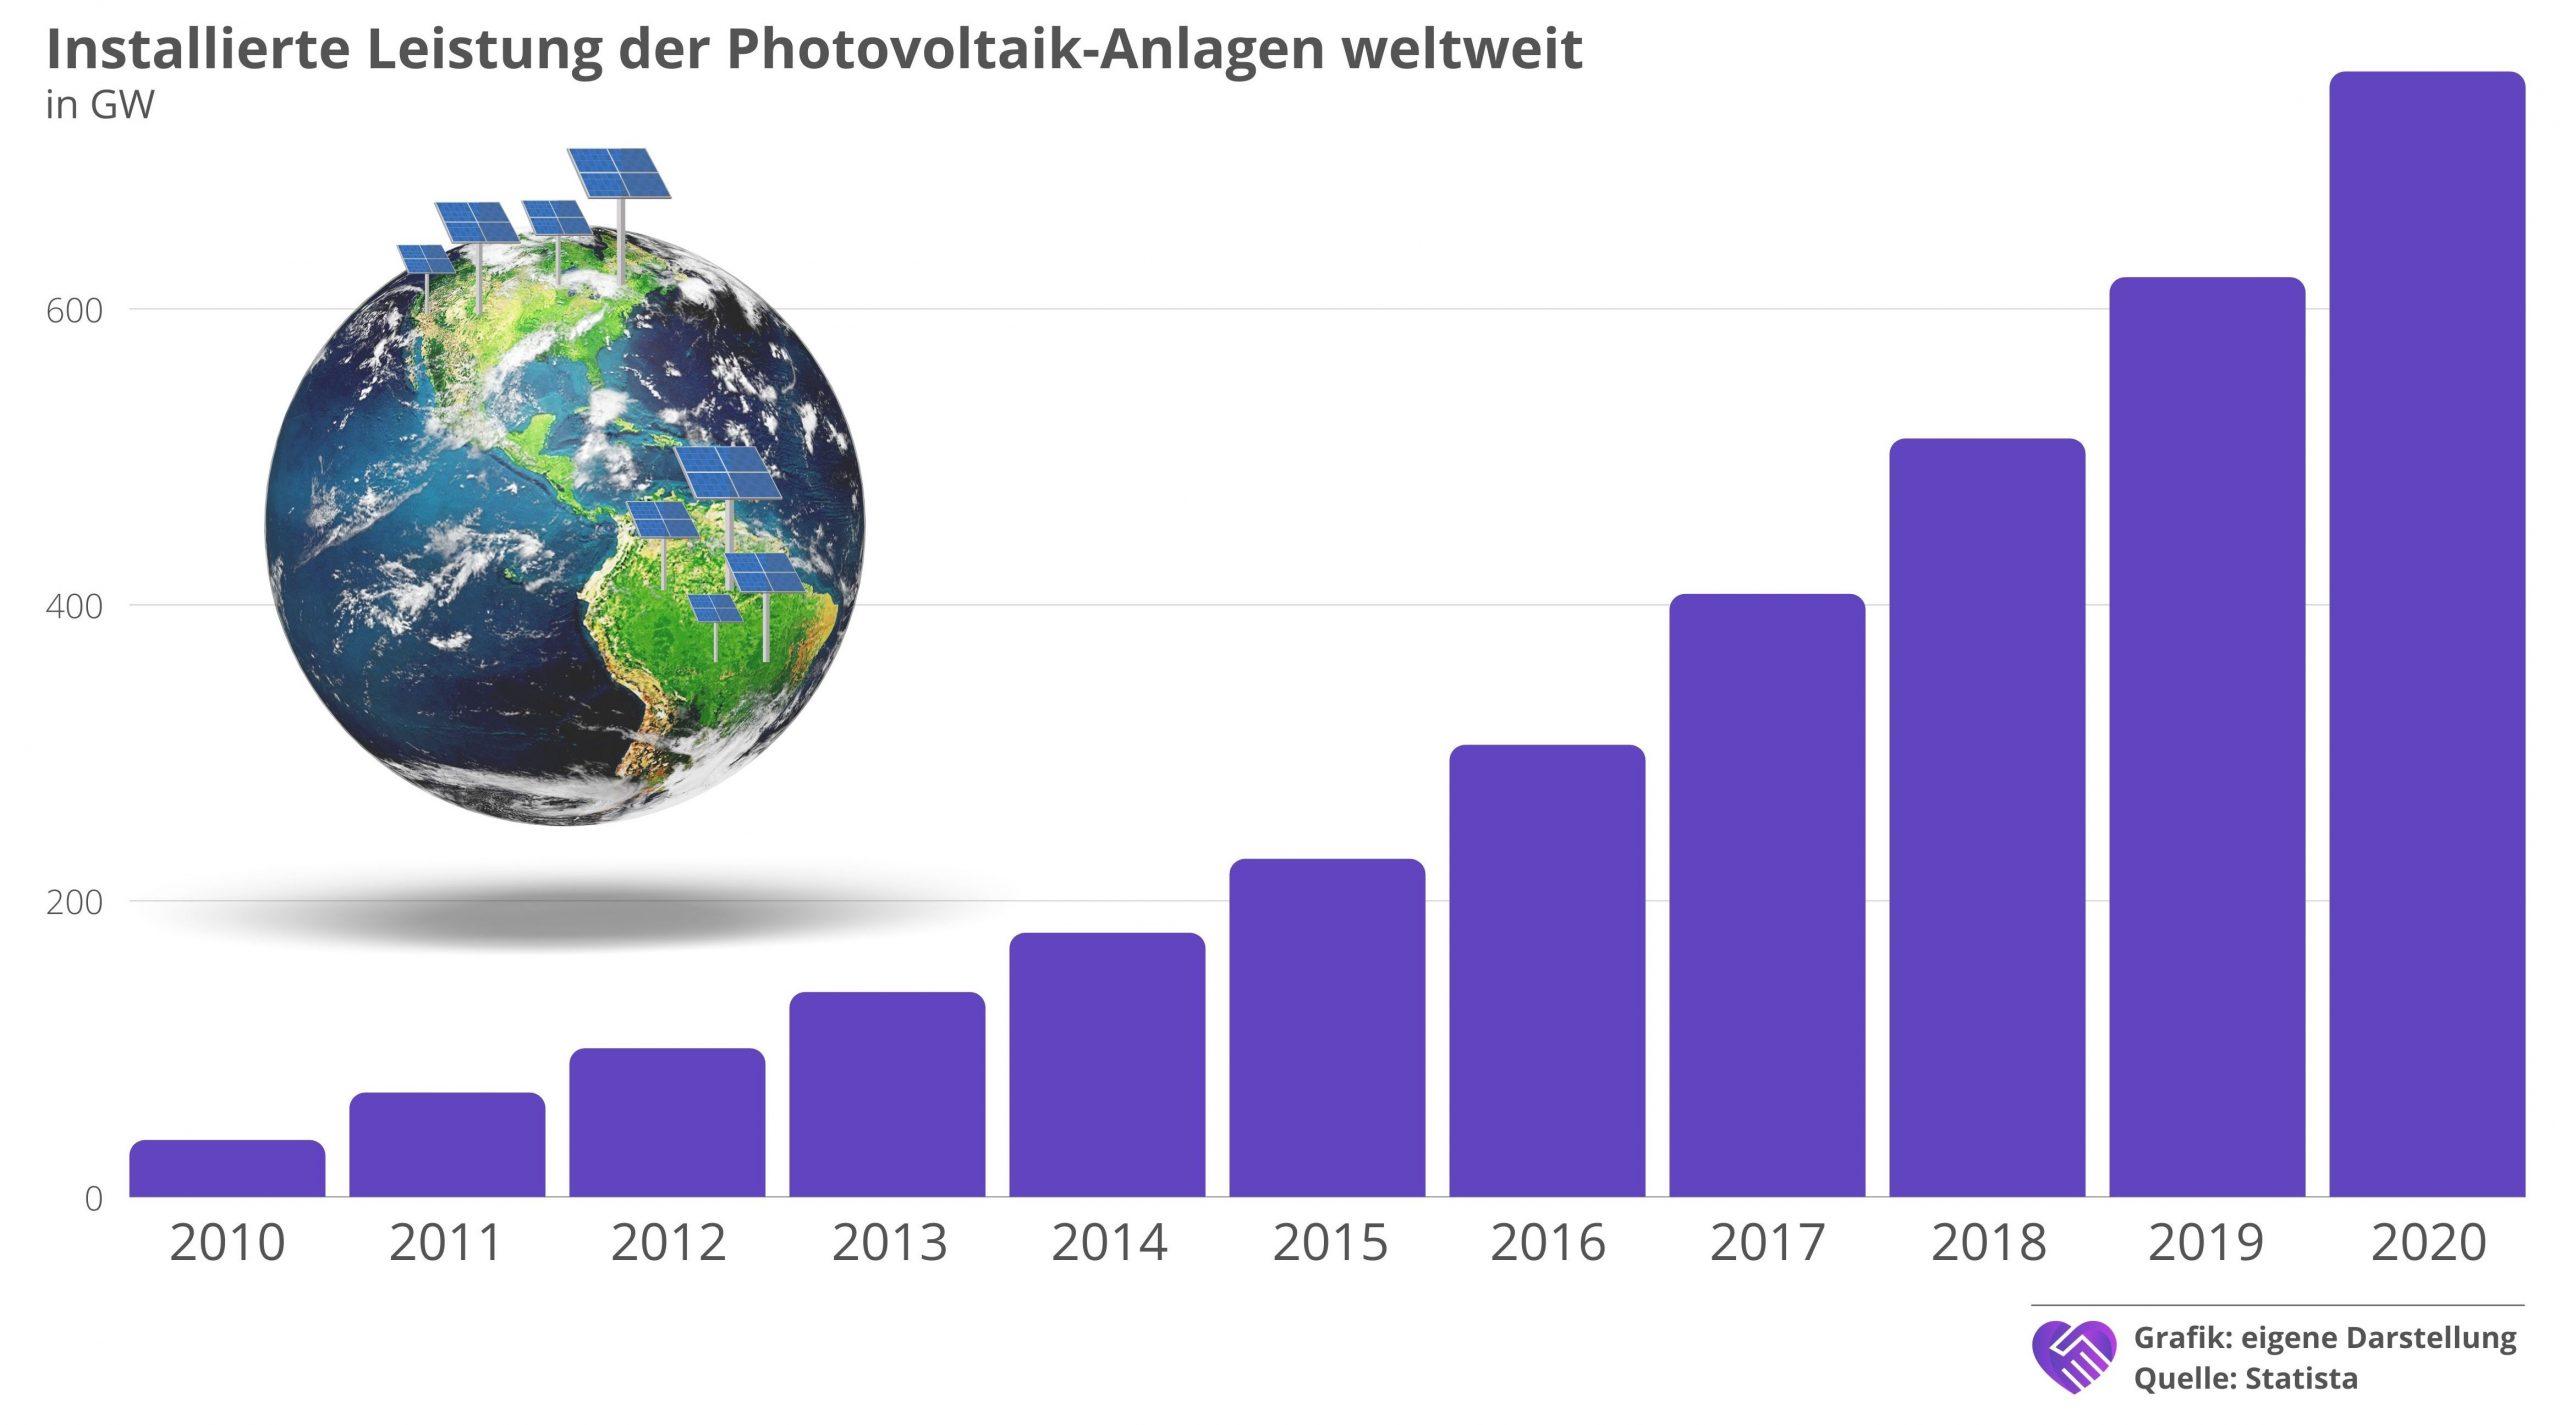 7C Solarparken Aktie Analyse Photovoltaikanlagen weltweit